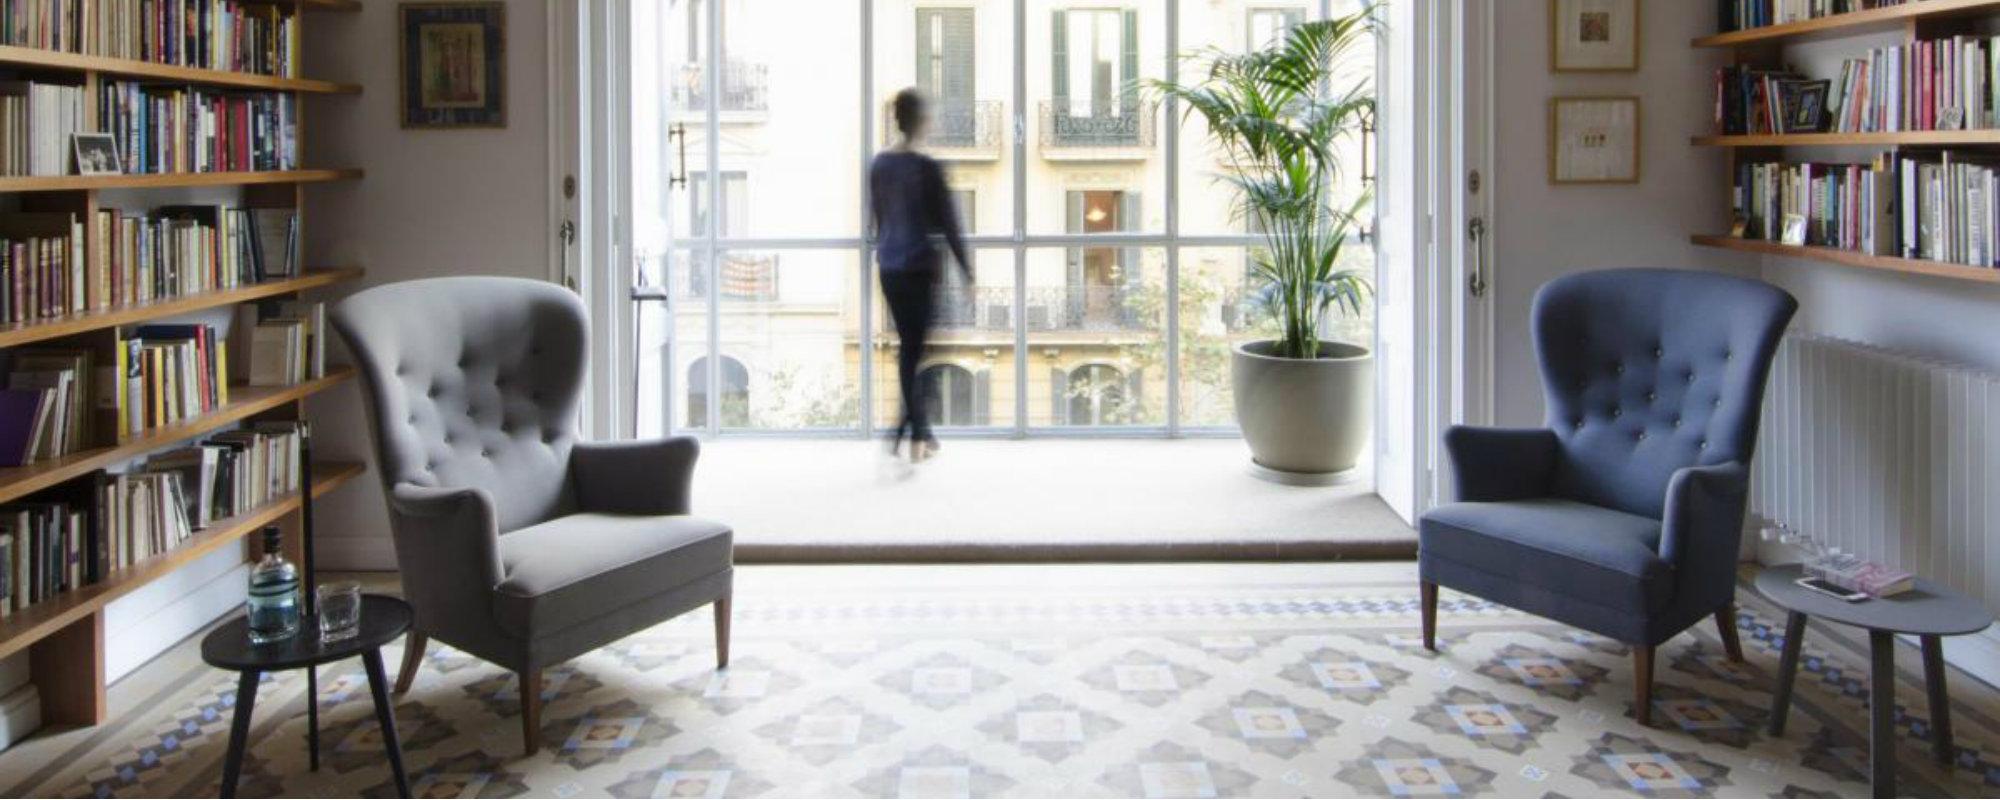 Interiorismo en Barcelona: VilaBlanch una empresa de proyectos lujuosos interiorismo en barcelona Interiorismo en Barcelona: VilaBlanch una empresa de proyectos lujuosos Featured 10